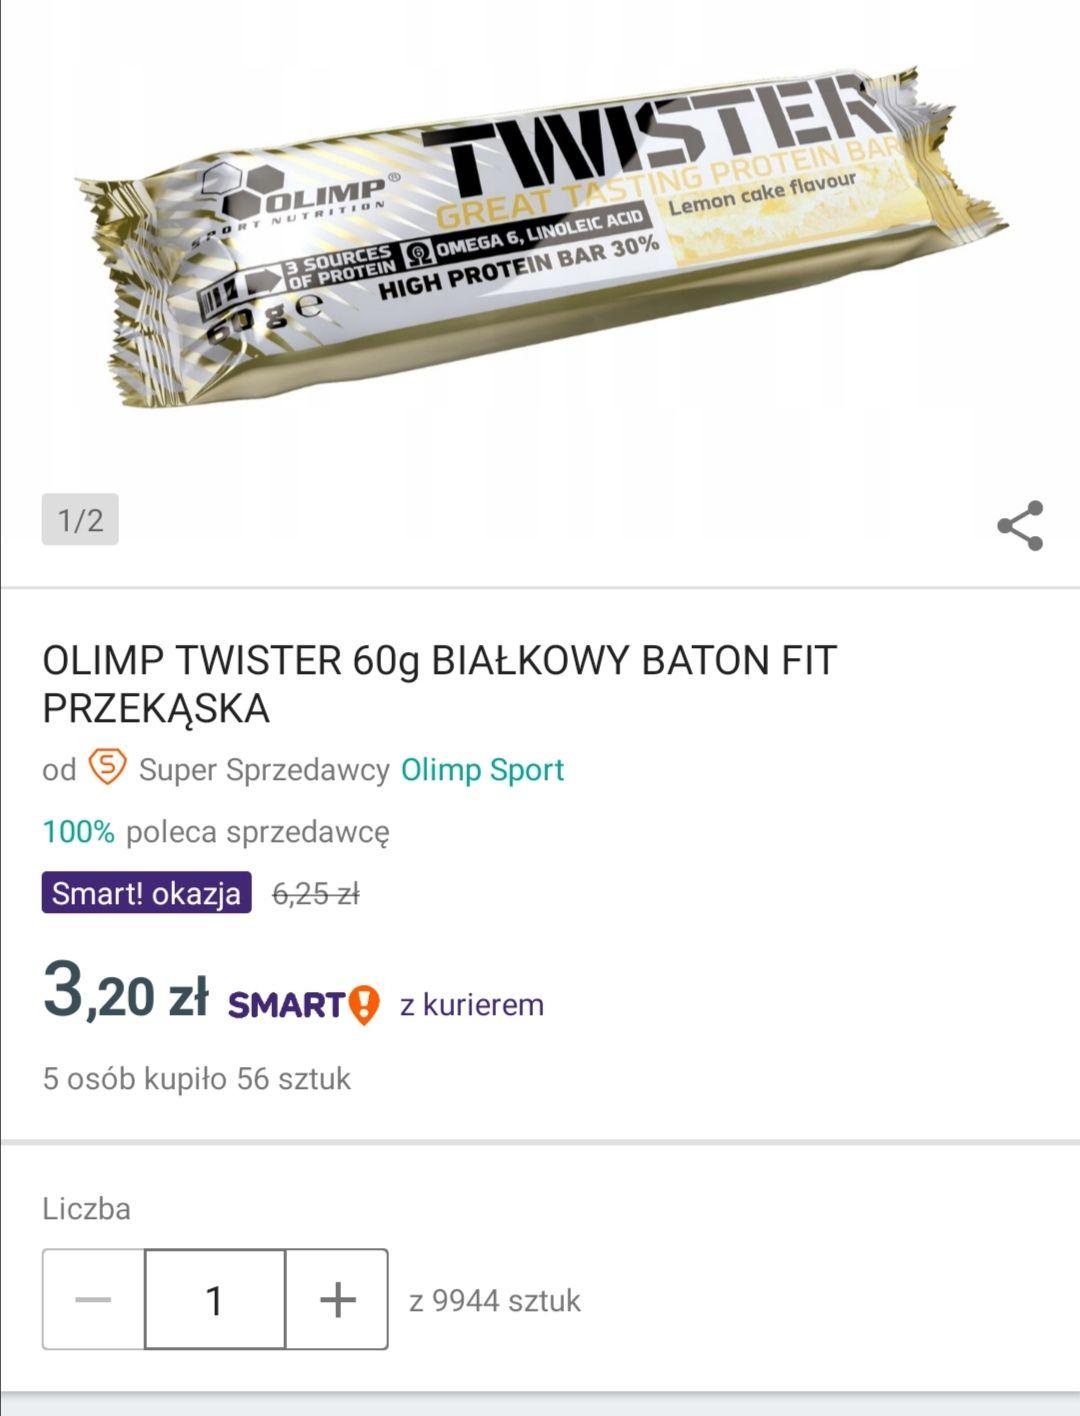 Smart Okazja Allegro - OLIMP TWISTER 60g BIAŁKOWY BATON FIT PRZEKĄSKA